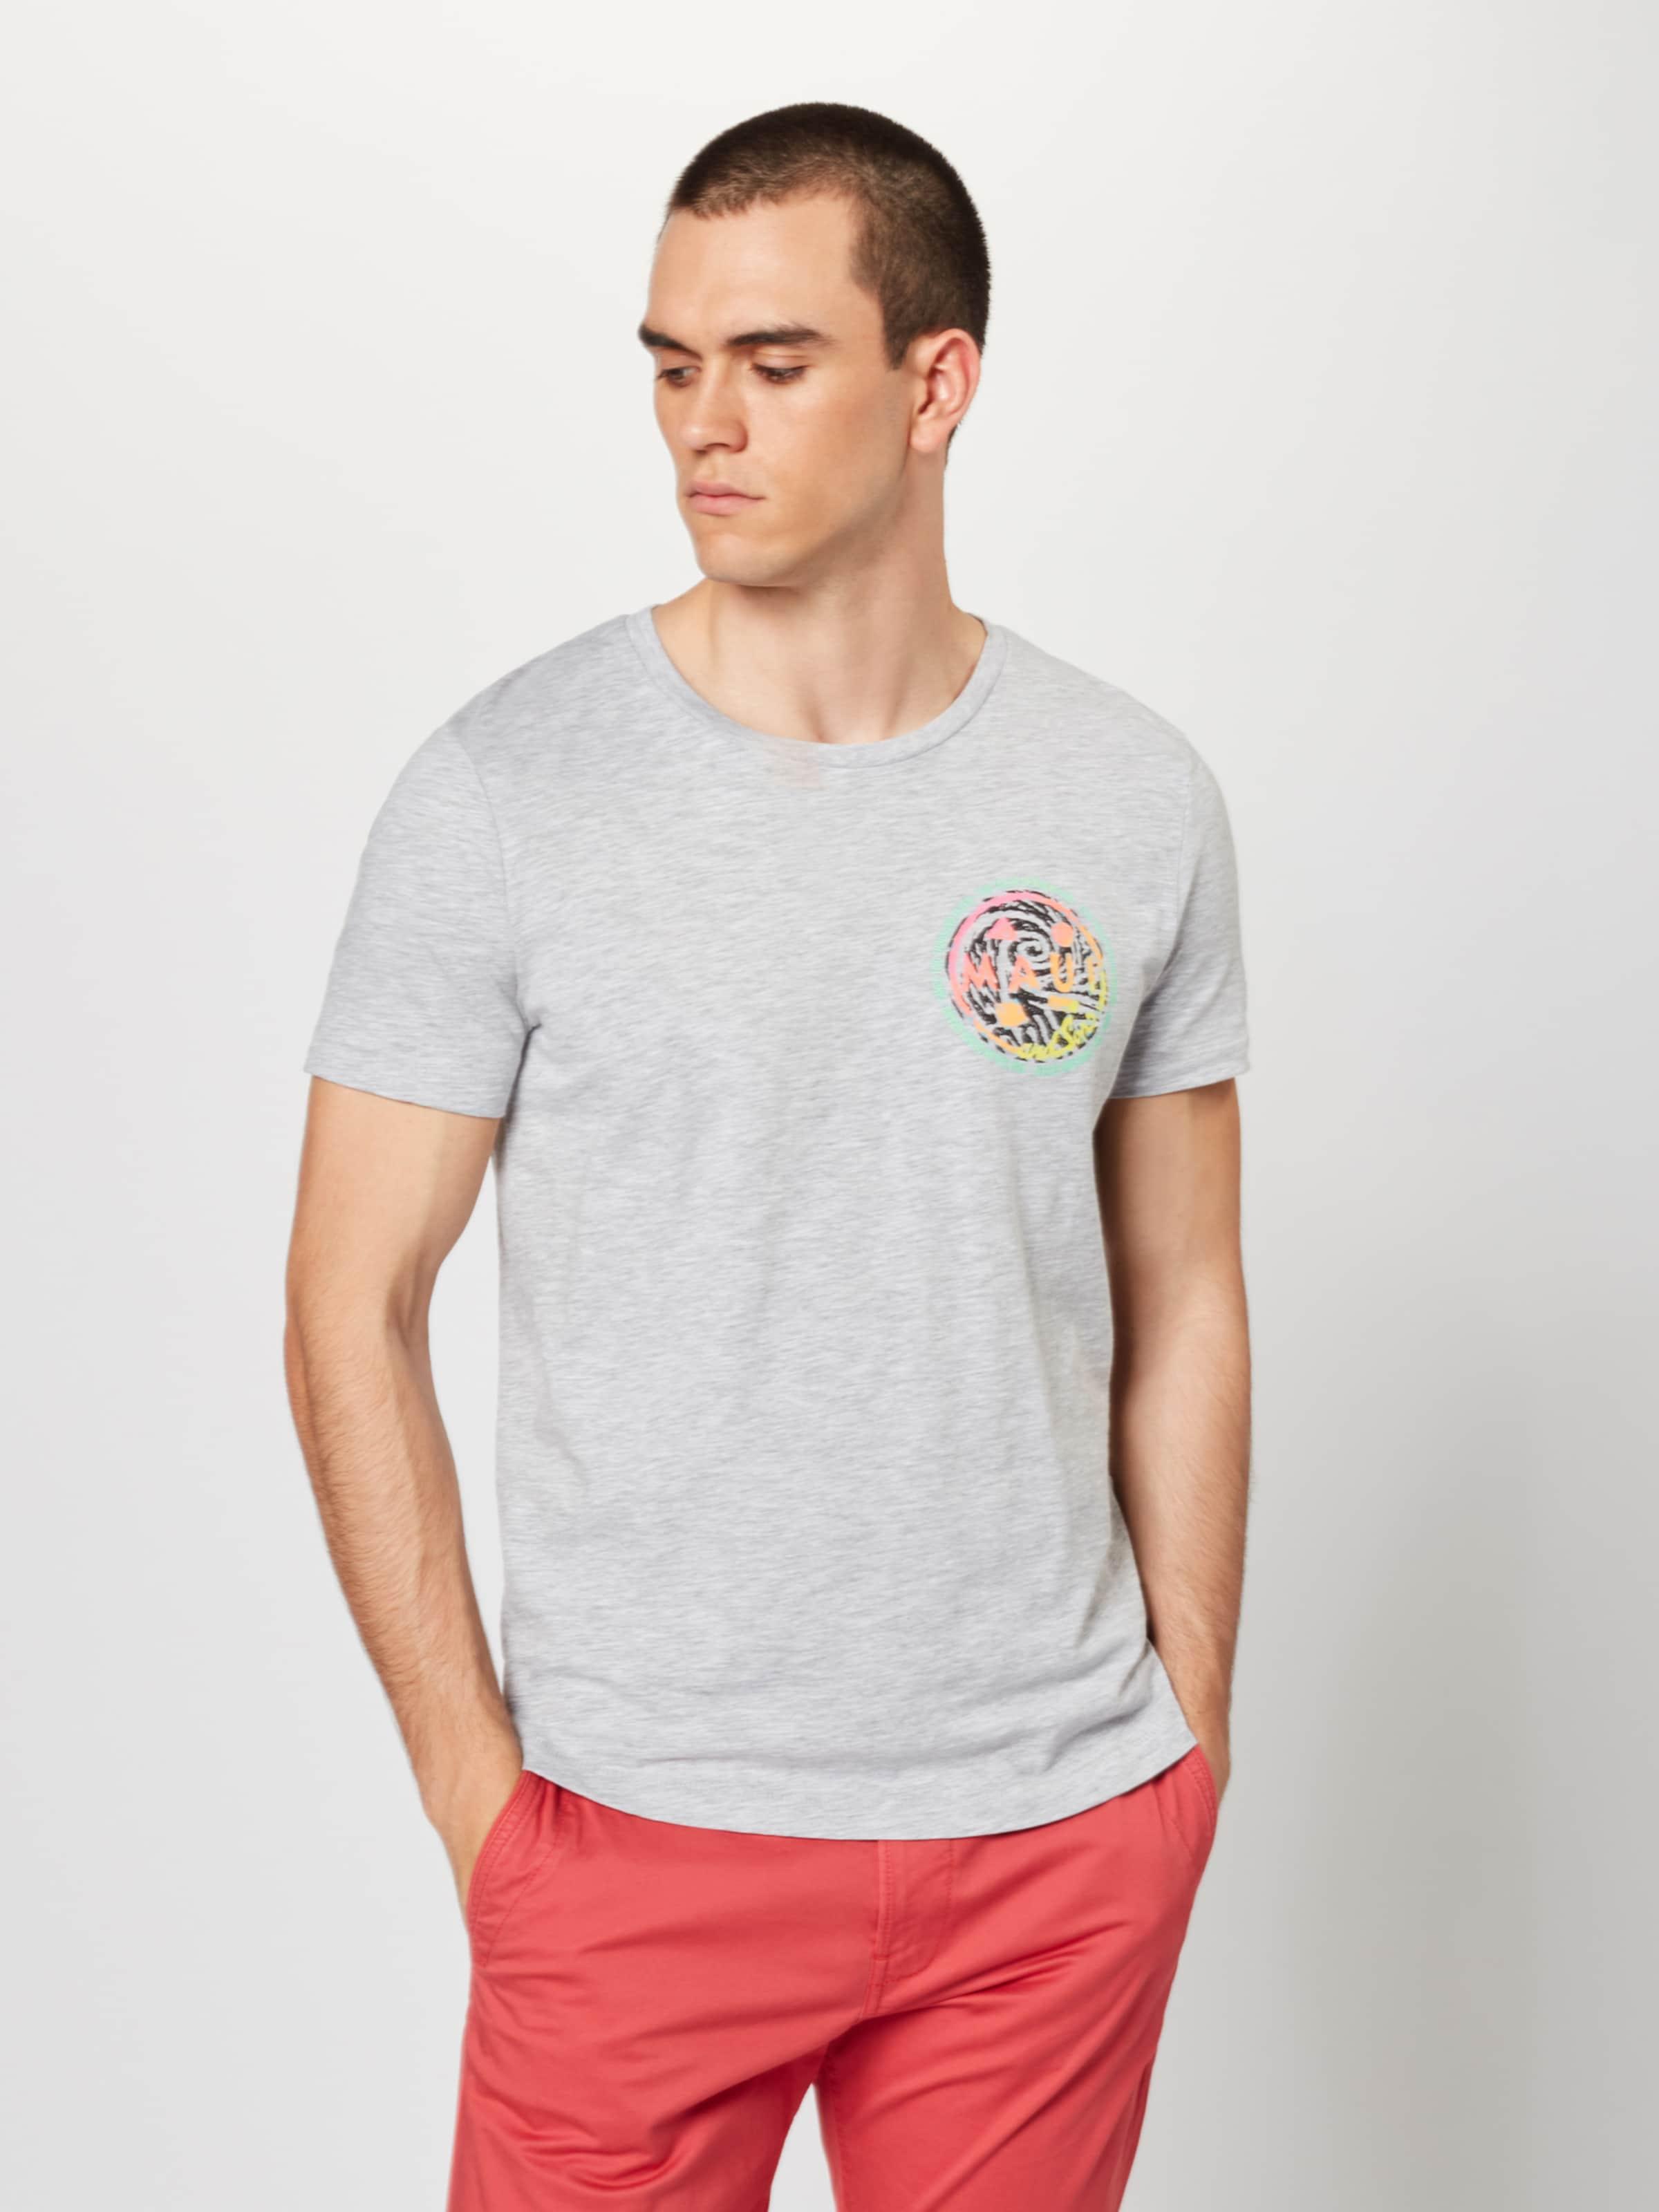 Denim HellgrauMischfarben In Tom Tailor Shirt kXNn08wZOP